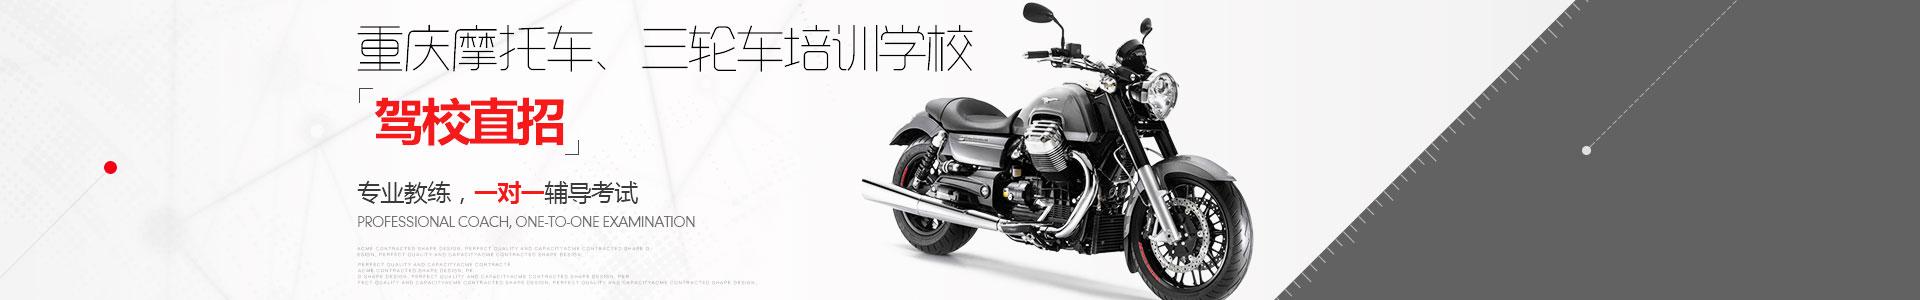 重庆摩托车驾照